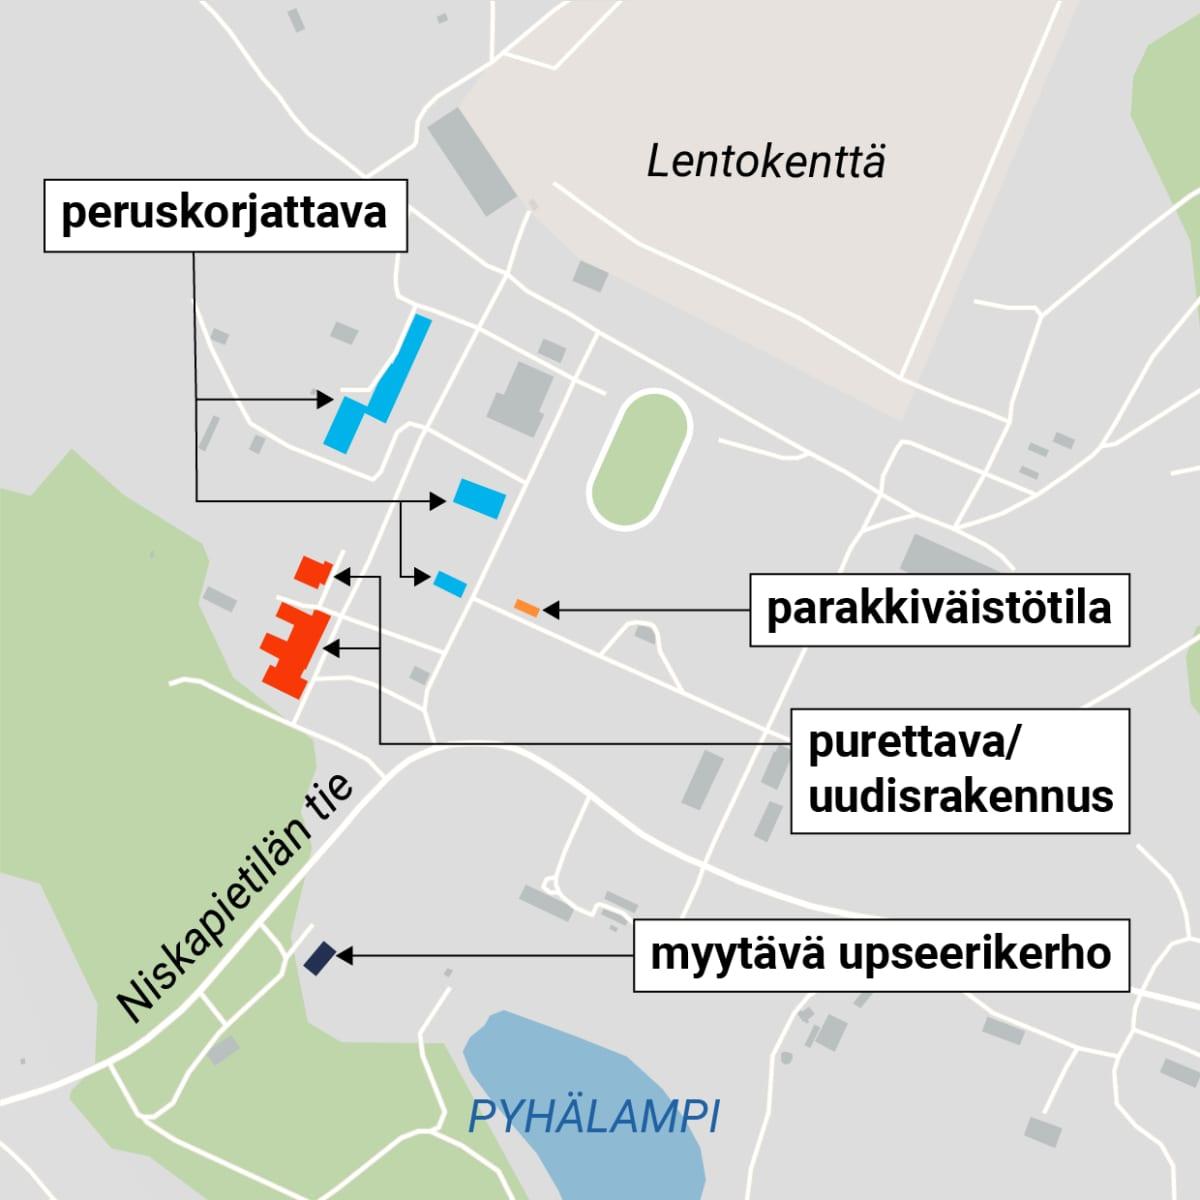 Immolan varuskunta-alueen kartta